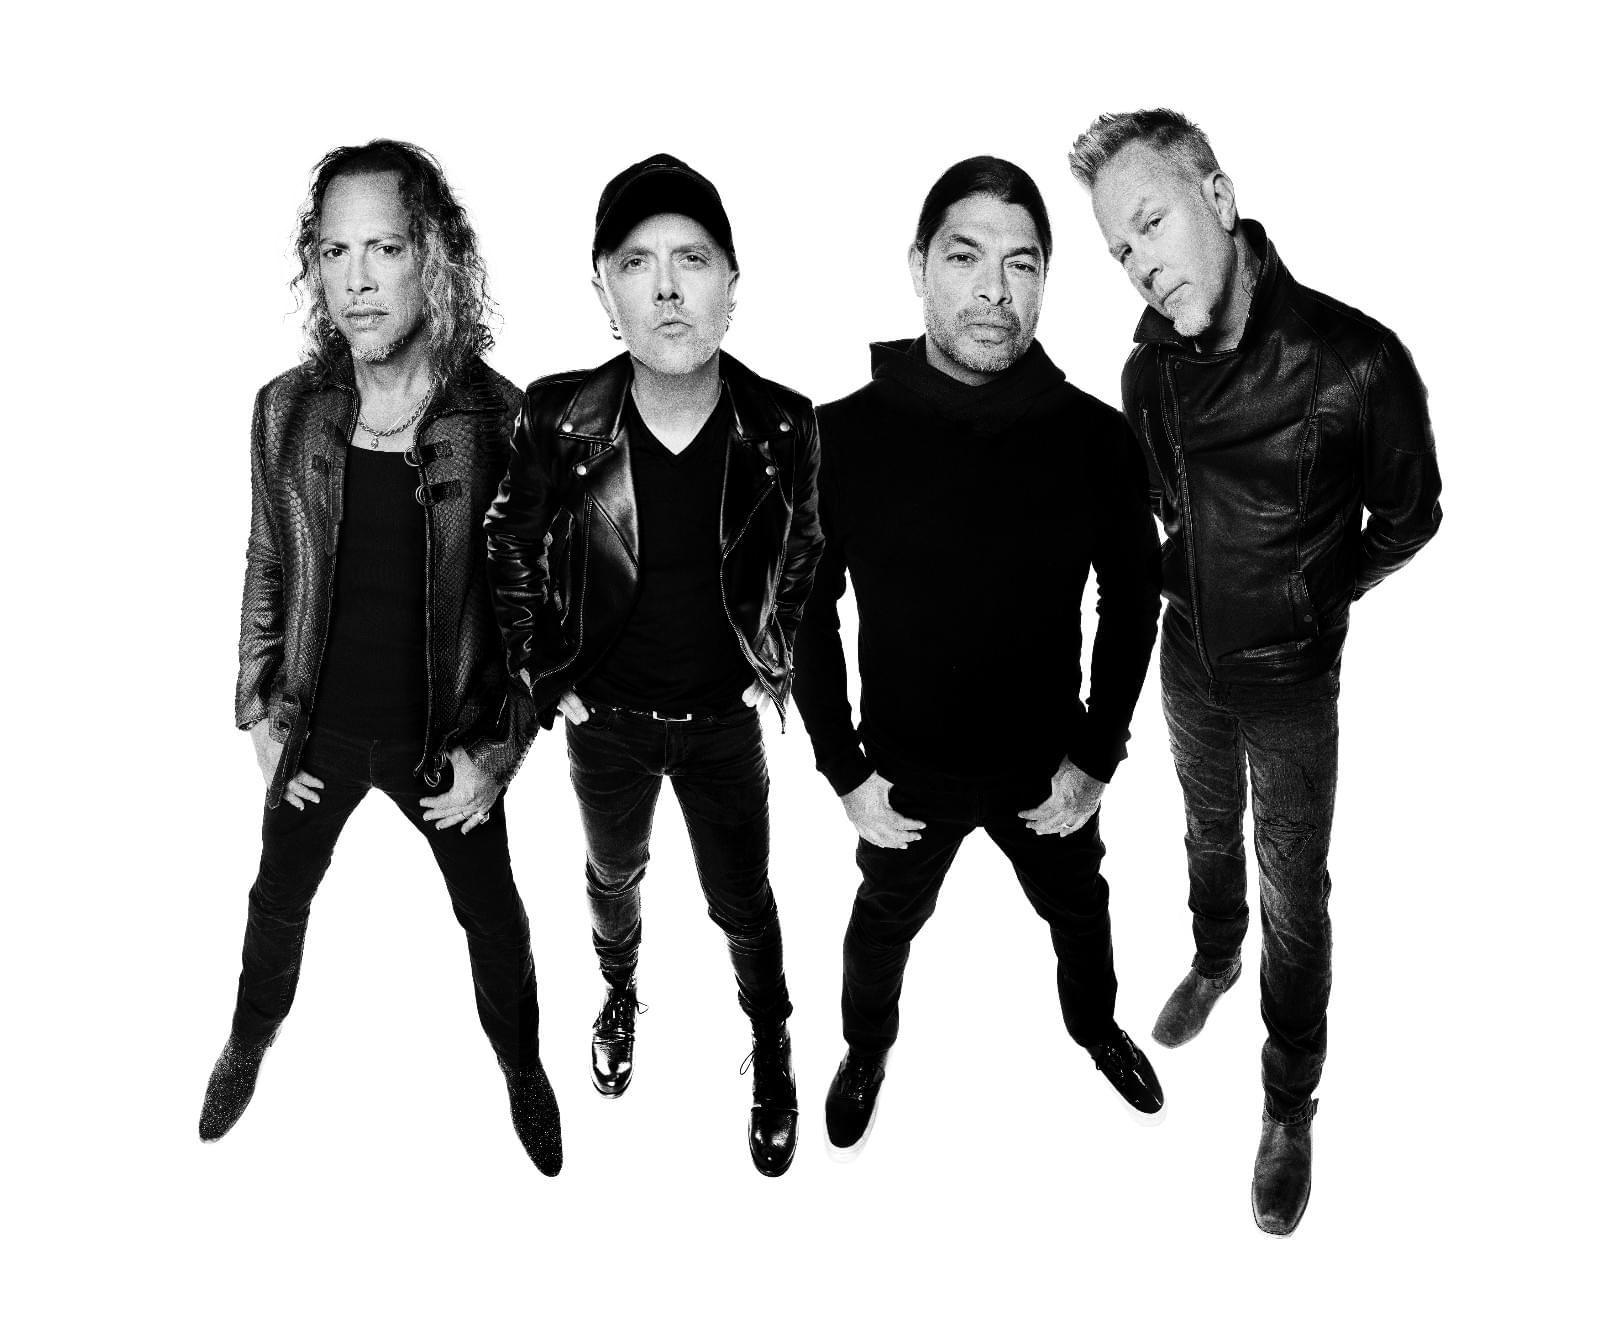 传奇乐队Metallica写真。